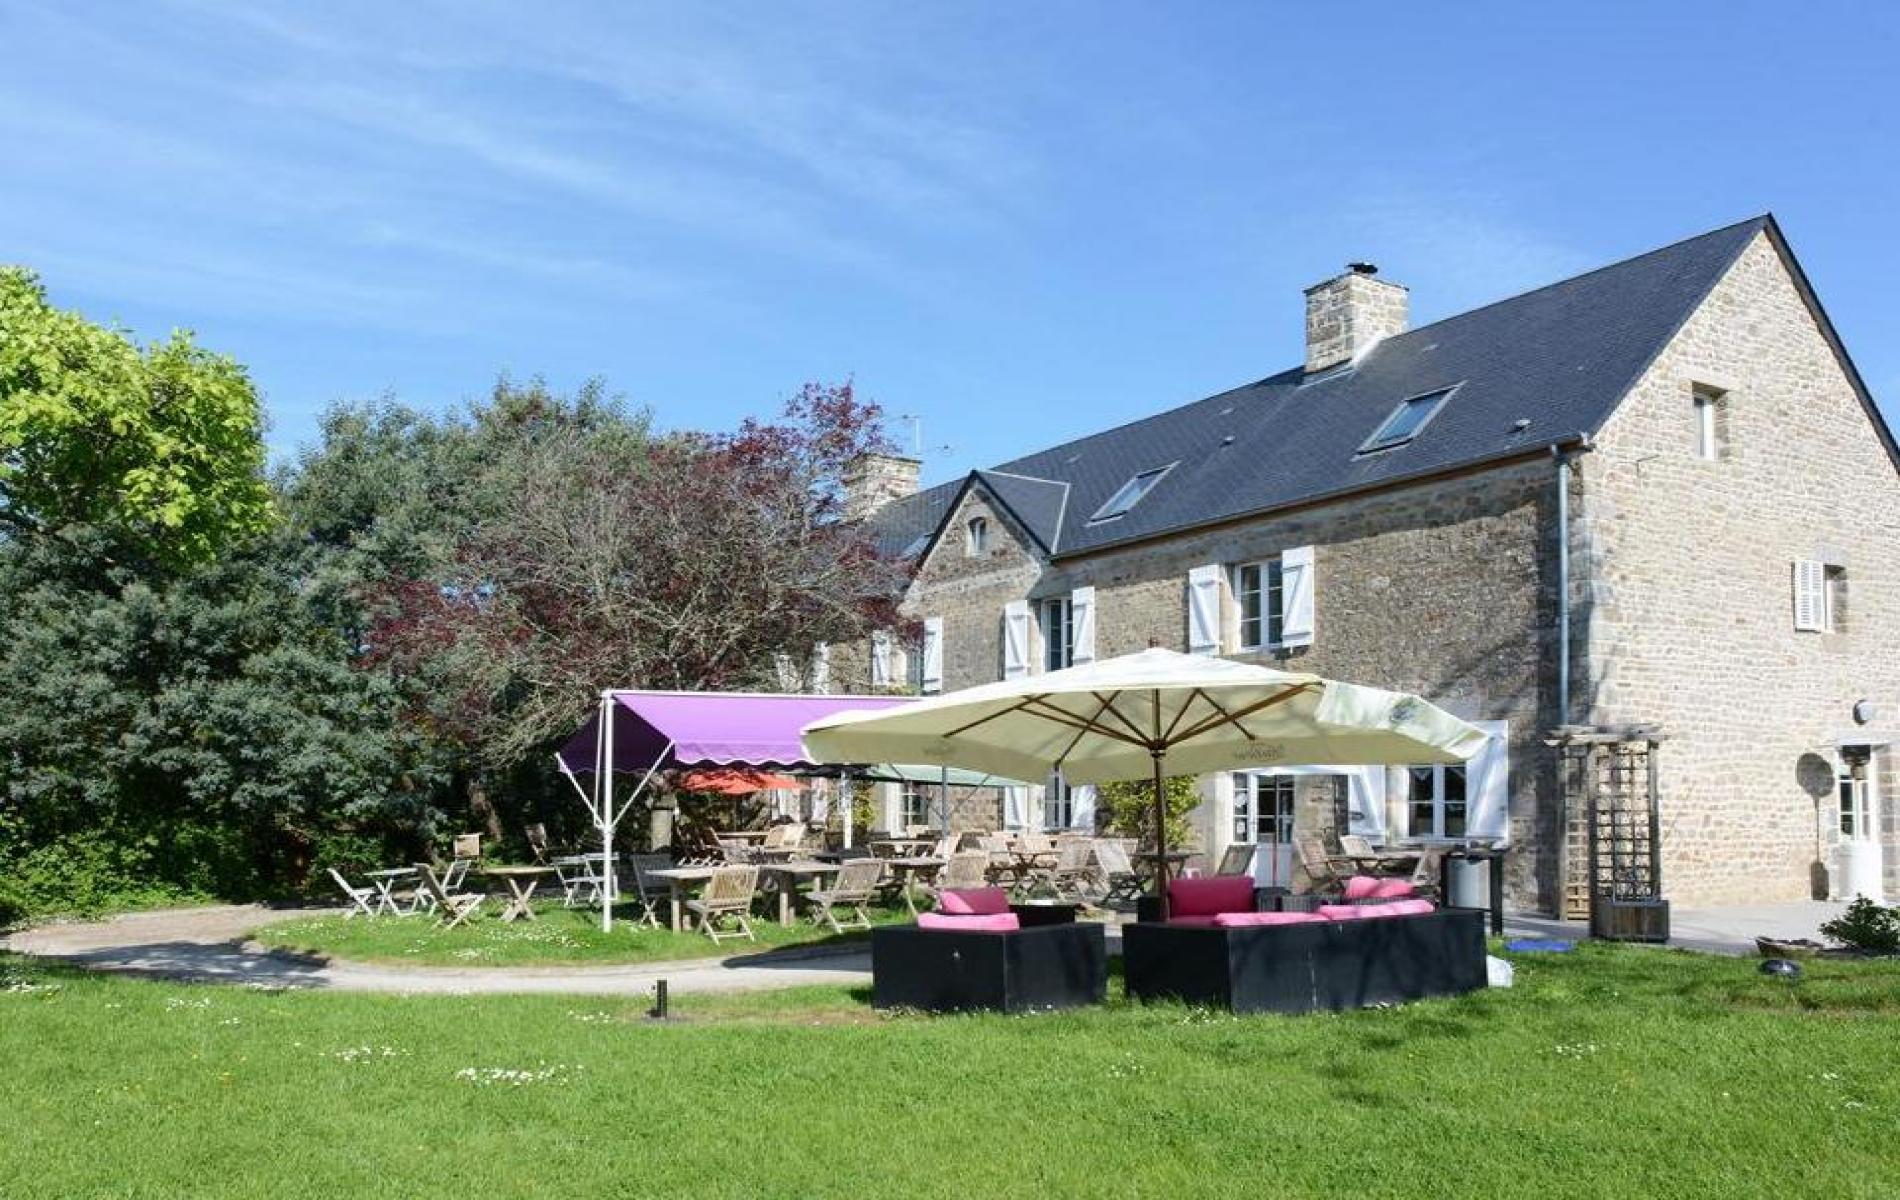 Auberge de Carolles - Hotel en Normandie